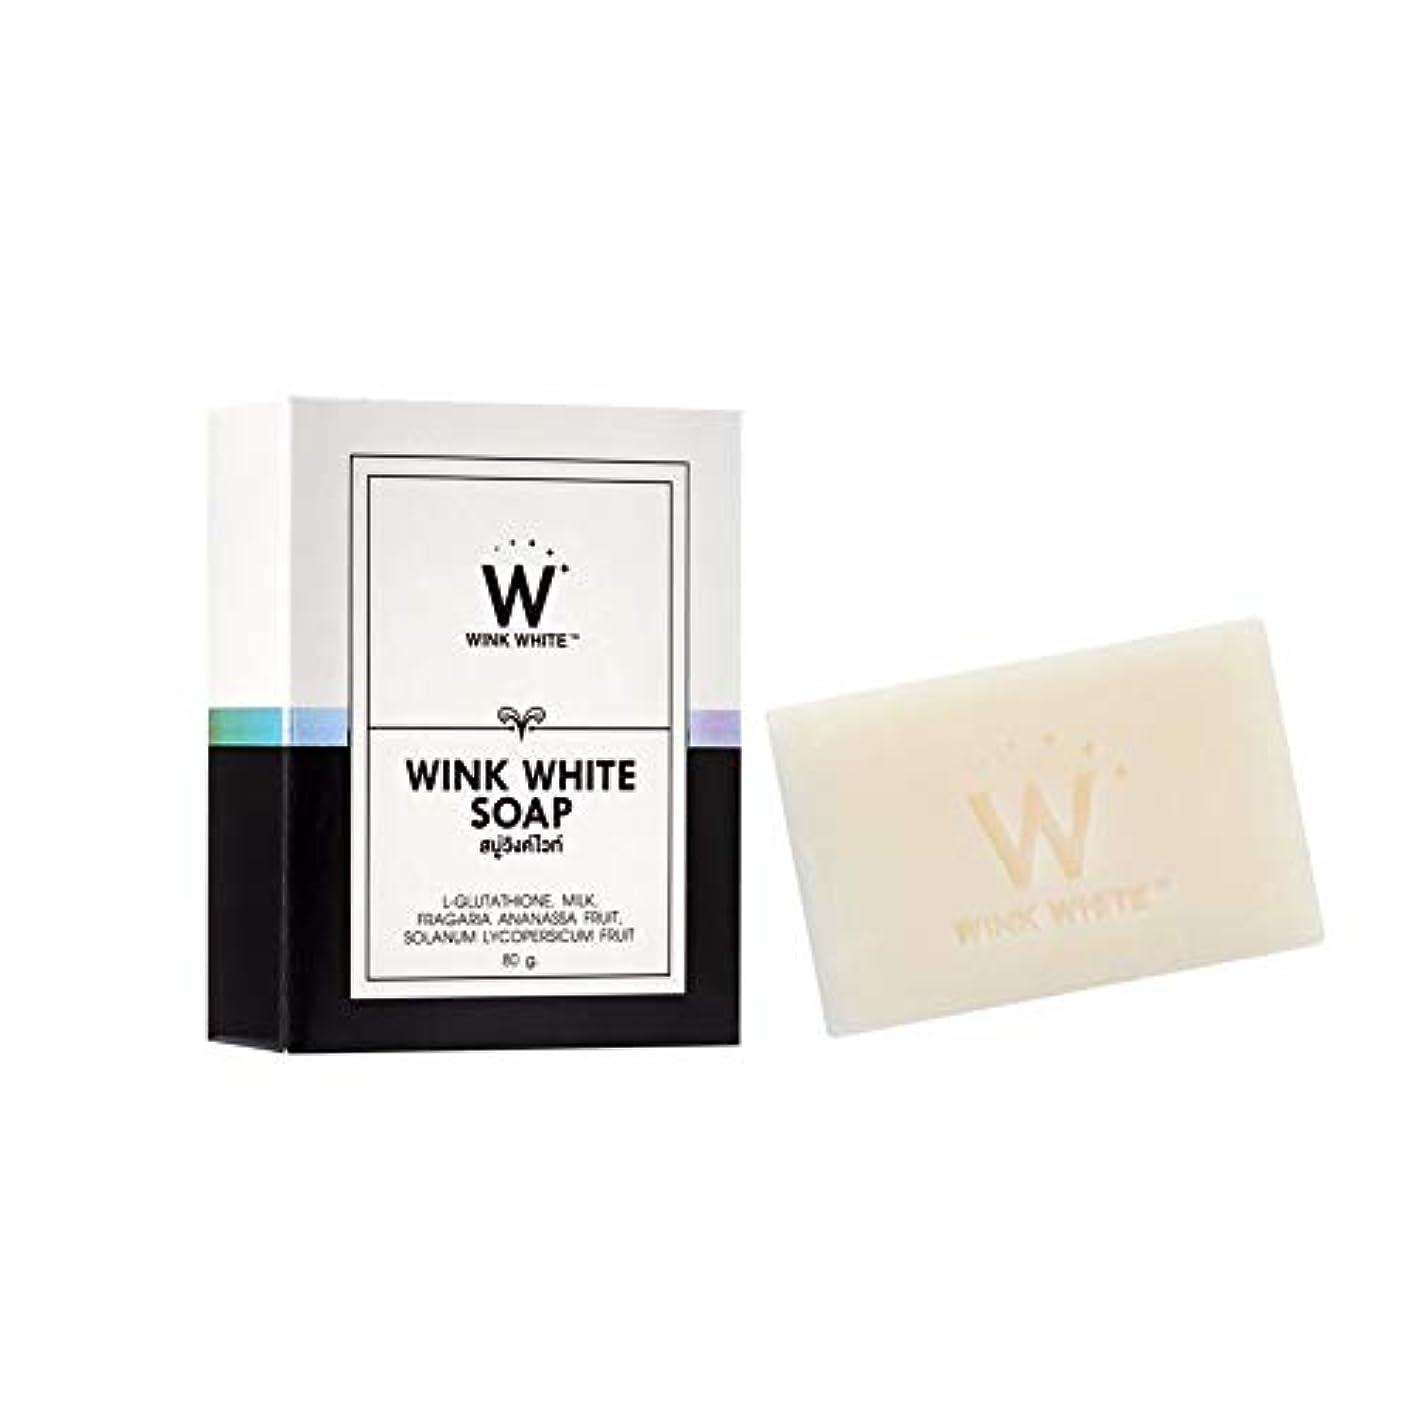 重大意味原油Soap Net Nature White Soap Base Wink White Soap Gluta Pure Skin Body Whitening Strawberry for Whitening Skin All...